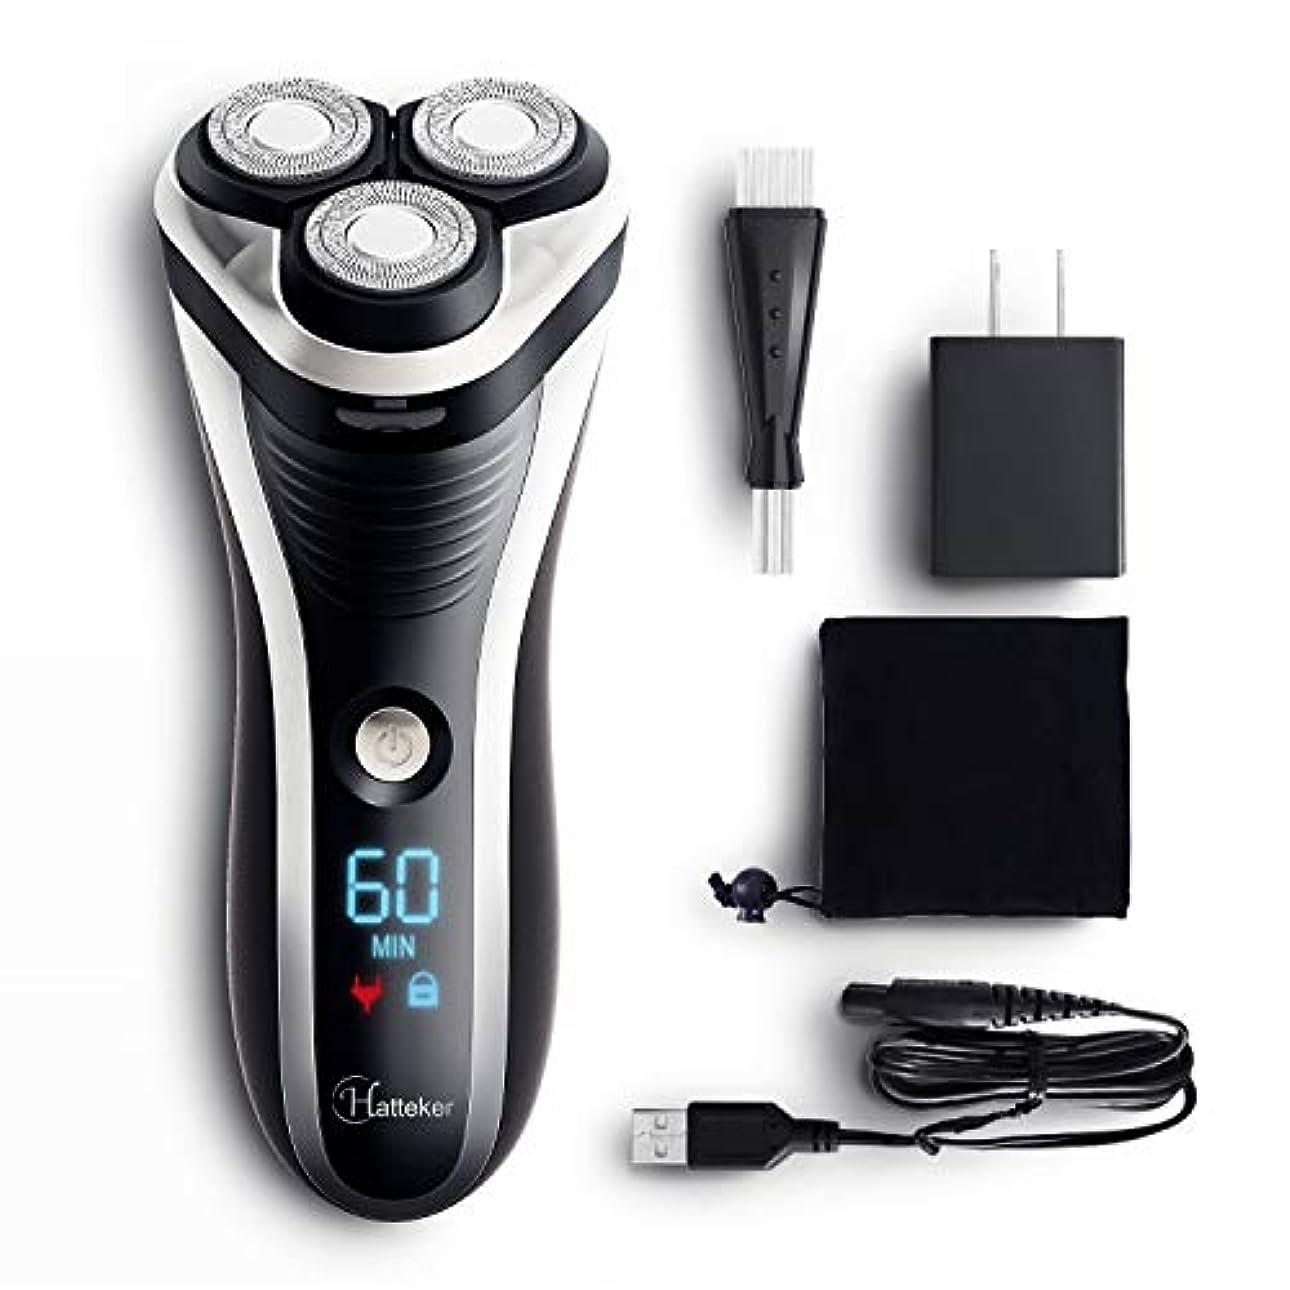 世代添加インデックスHATTEKER 電気シェーバー 髭剃り メンズ シェイバー ひげそり 回転式 もみあげ 水洗いOK ウエット·ドライ剃り USB充電式· 交流式 LEDディスプレイ(一年間保証)